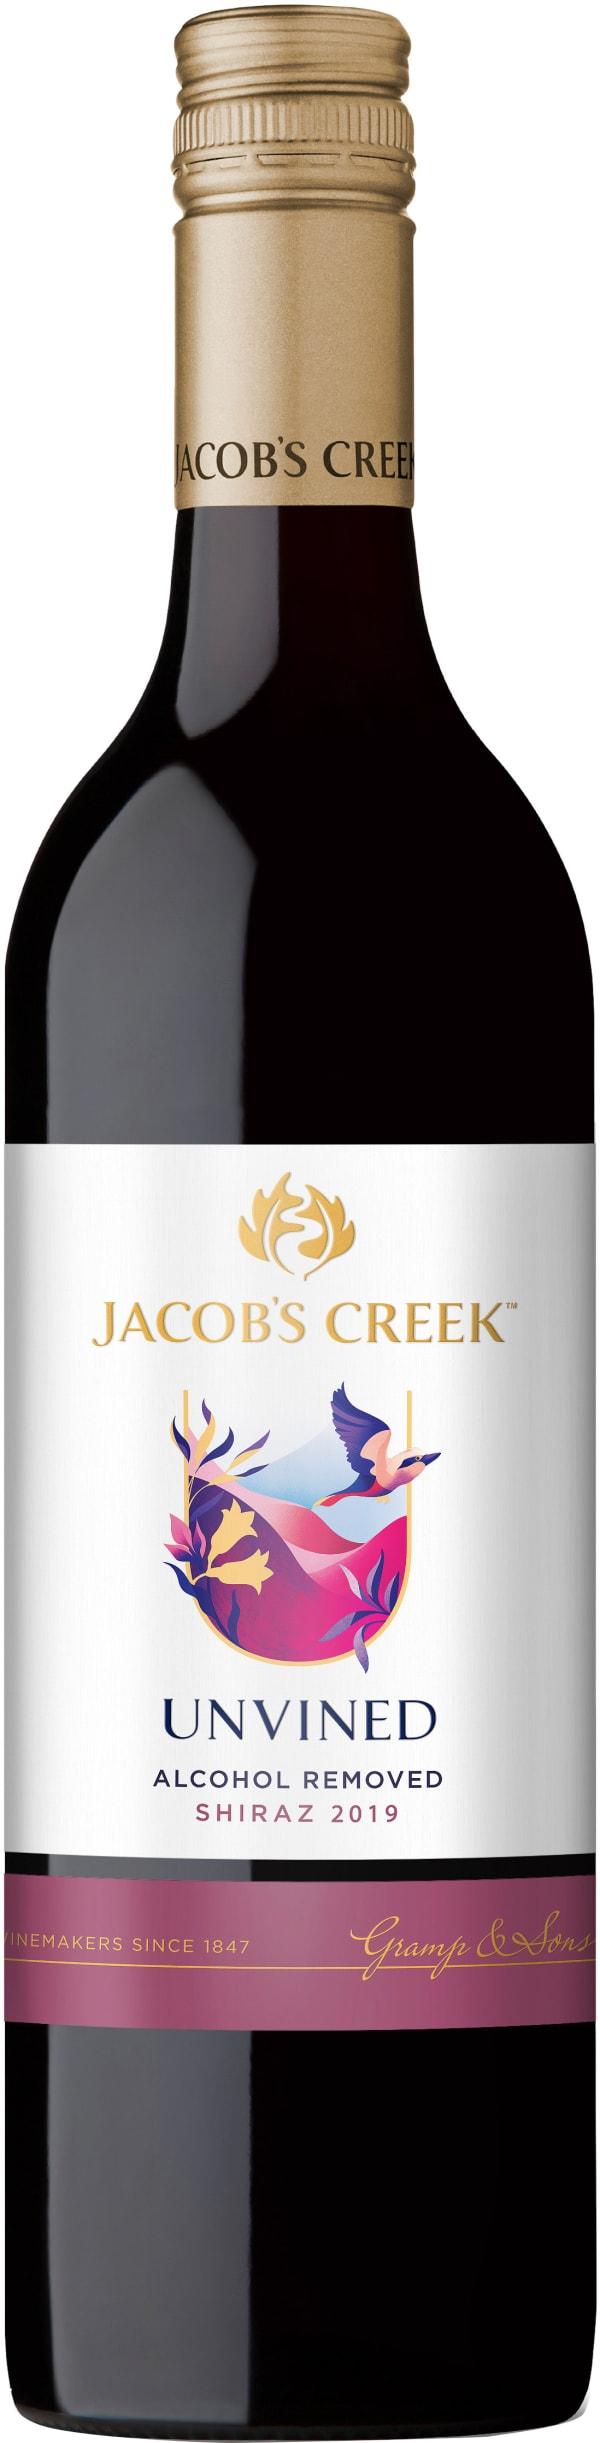 Jacob's Creek UnVined Shiraz 2017